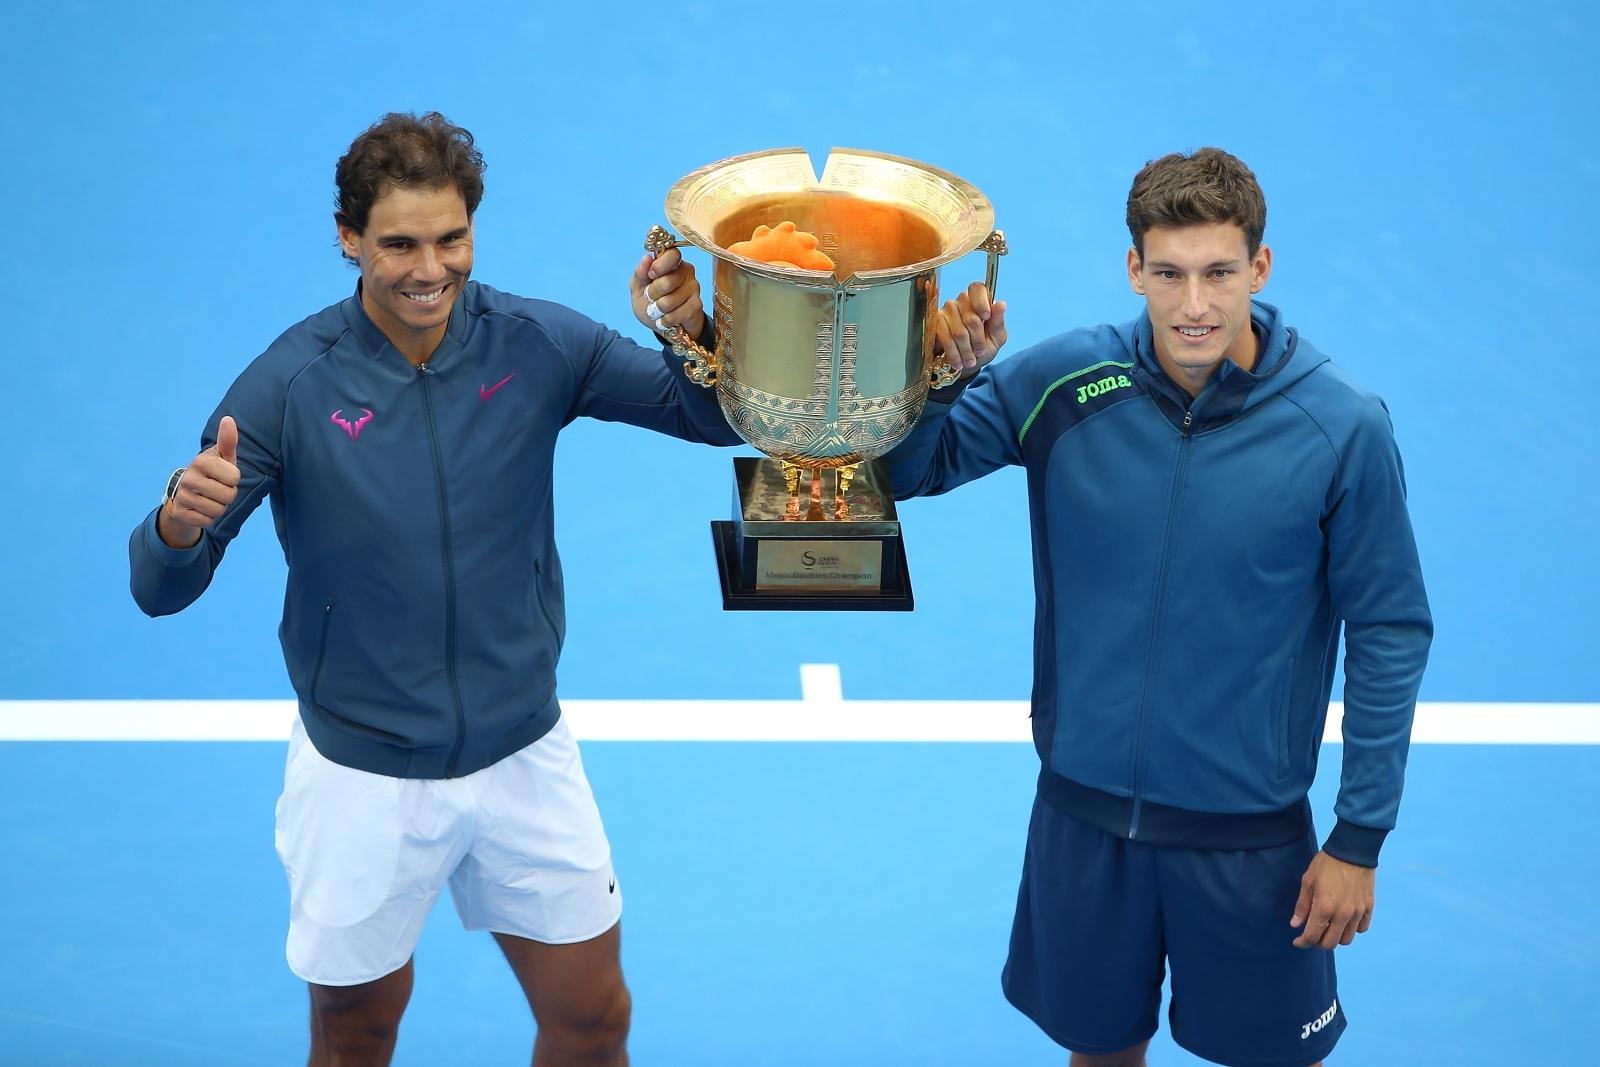 Murray and Federer raise over $900K